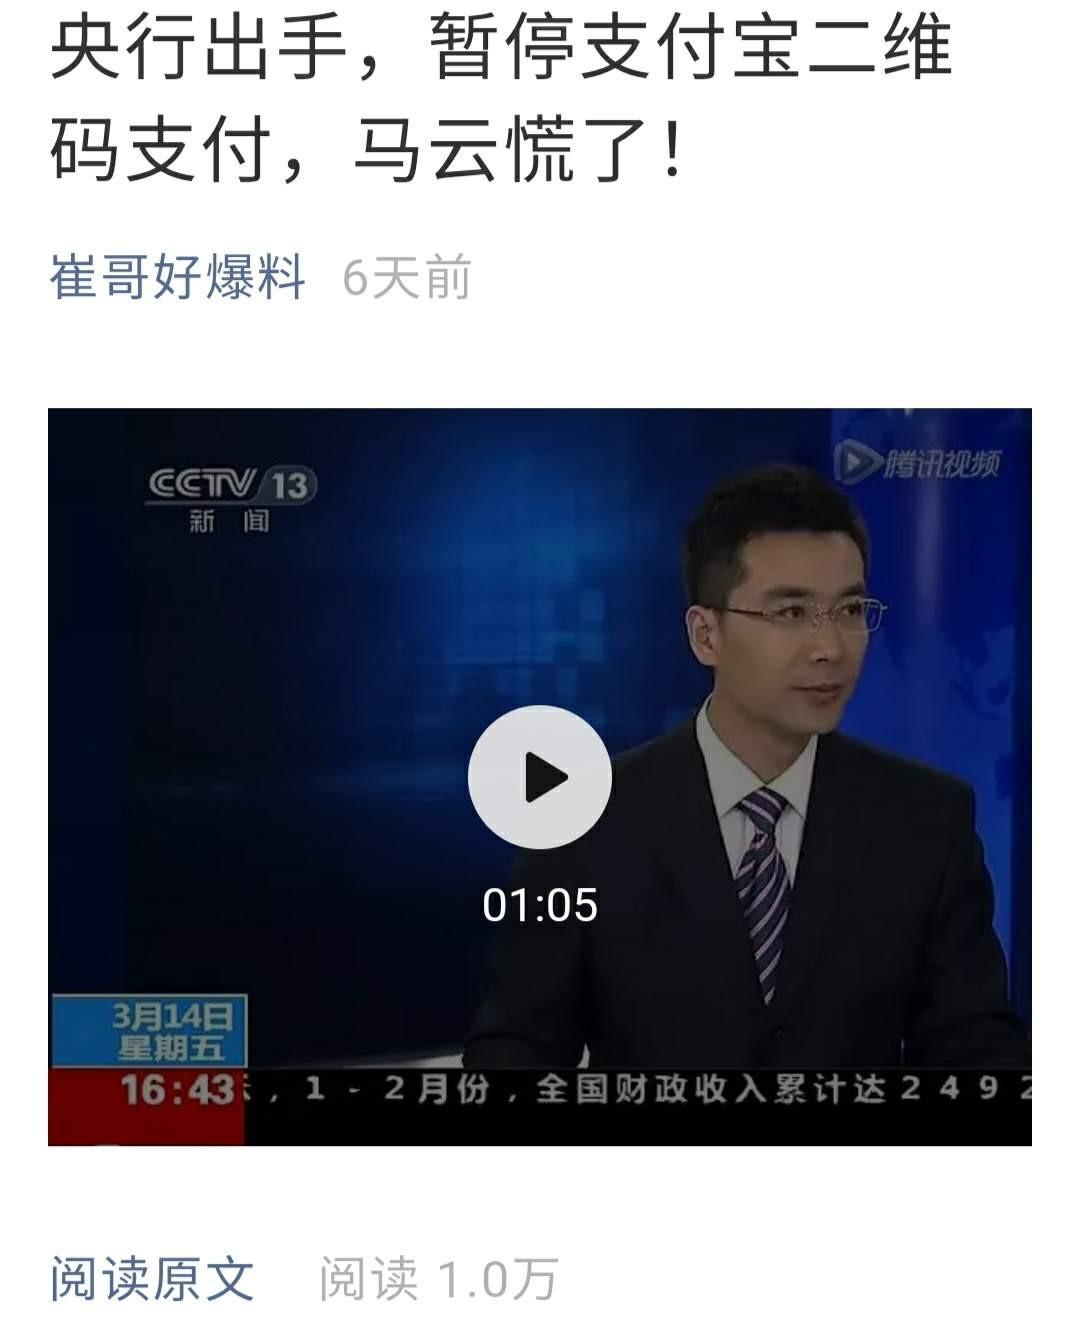 """""""暂停支付宝二维码支付""""是旧闻转新谣_图1-1"""